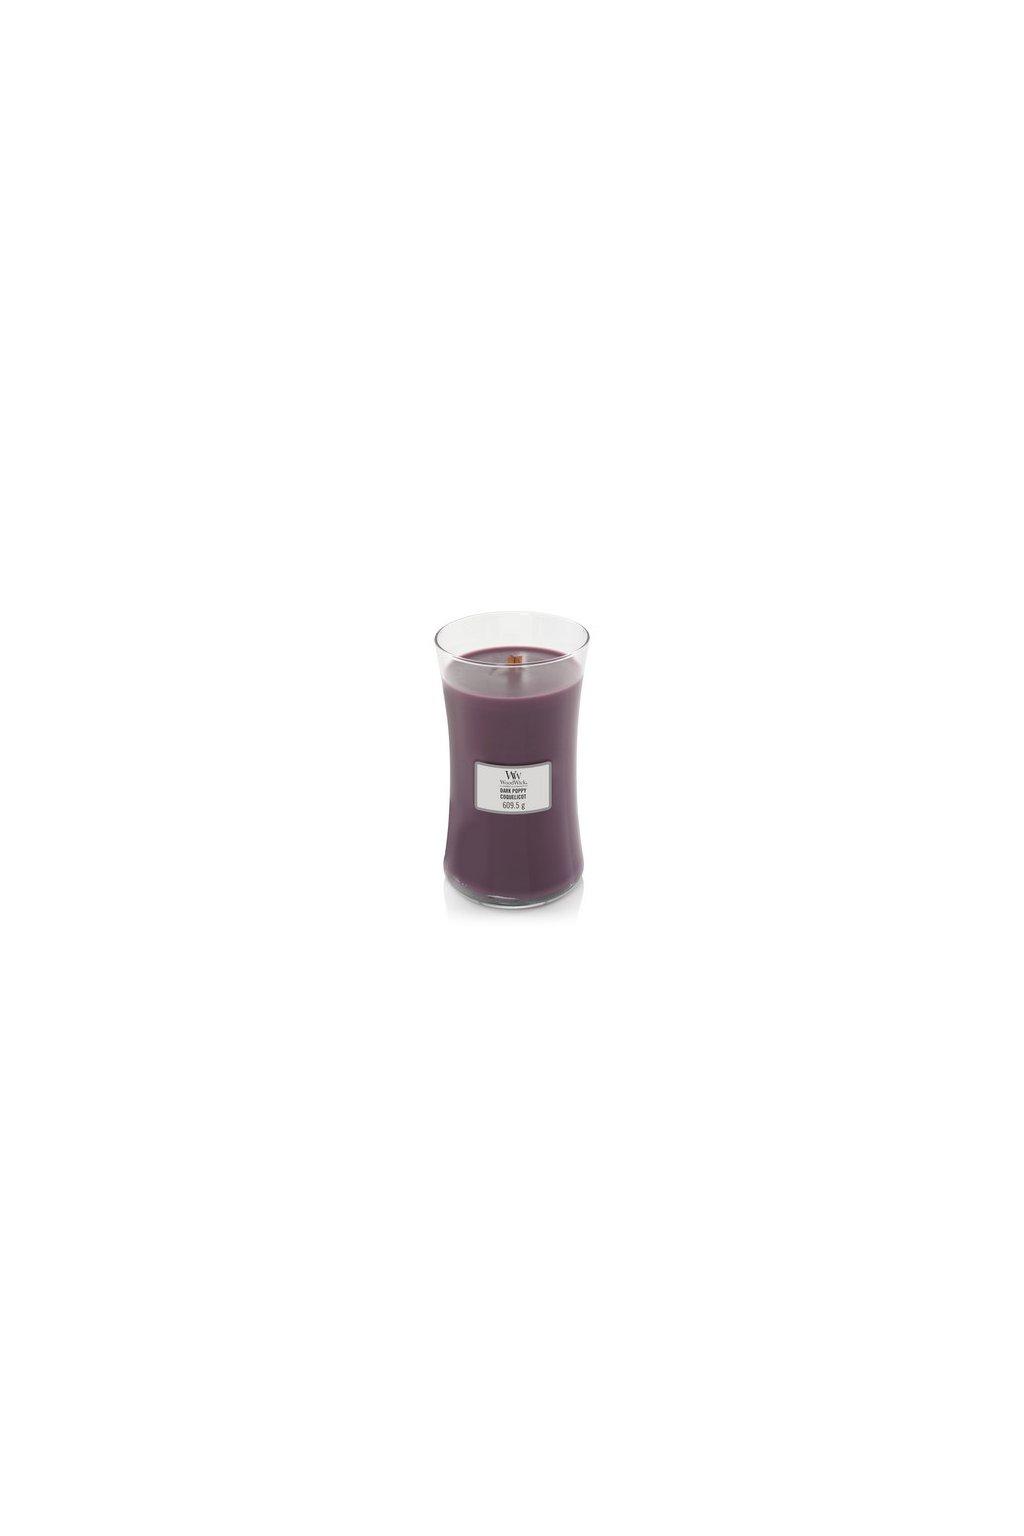 Woodwick Dark Poppy 609g